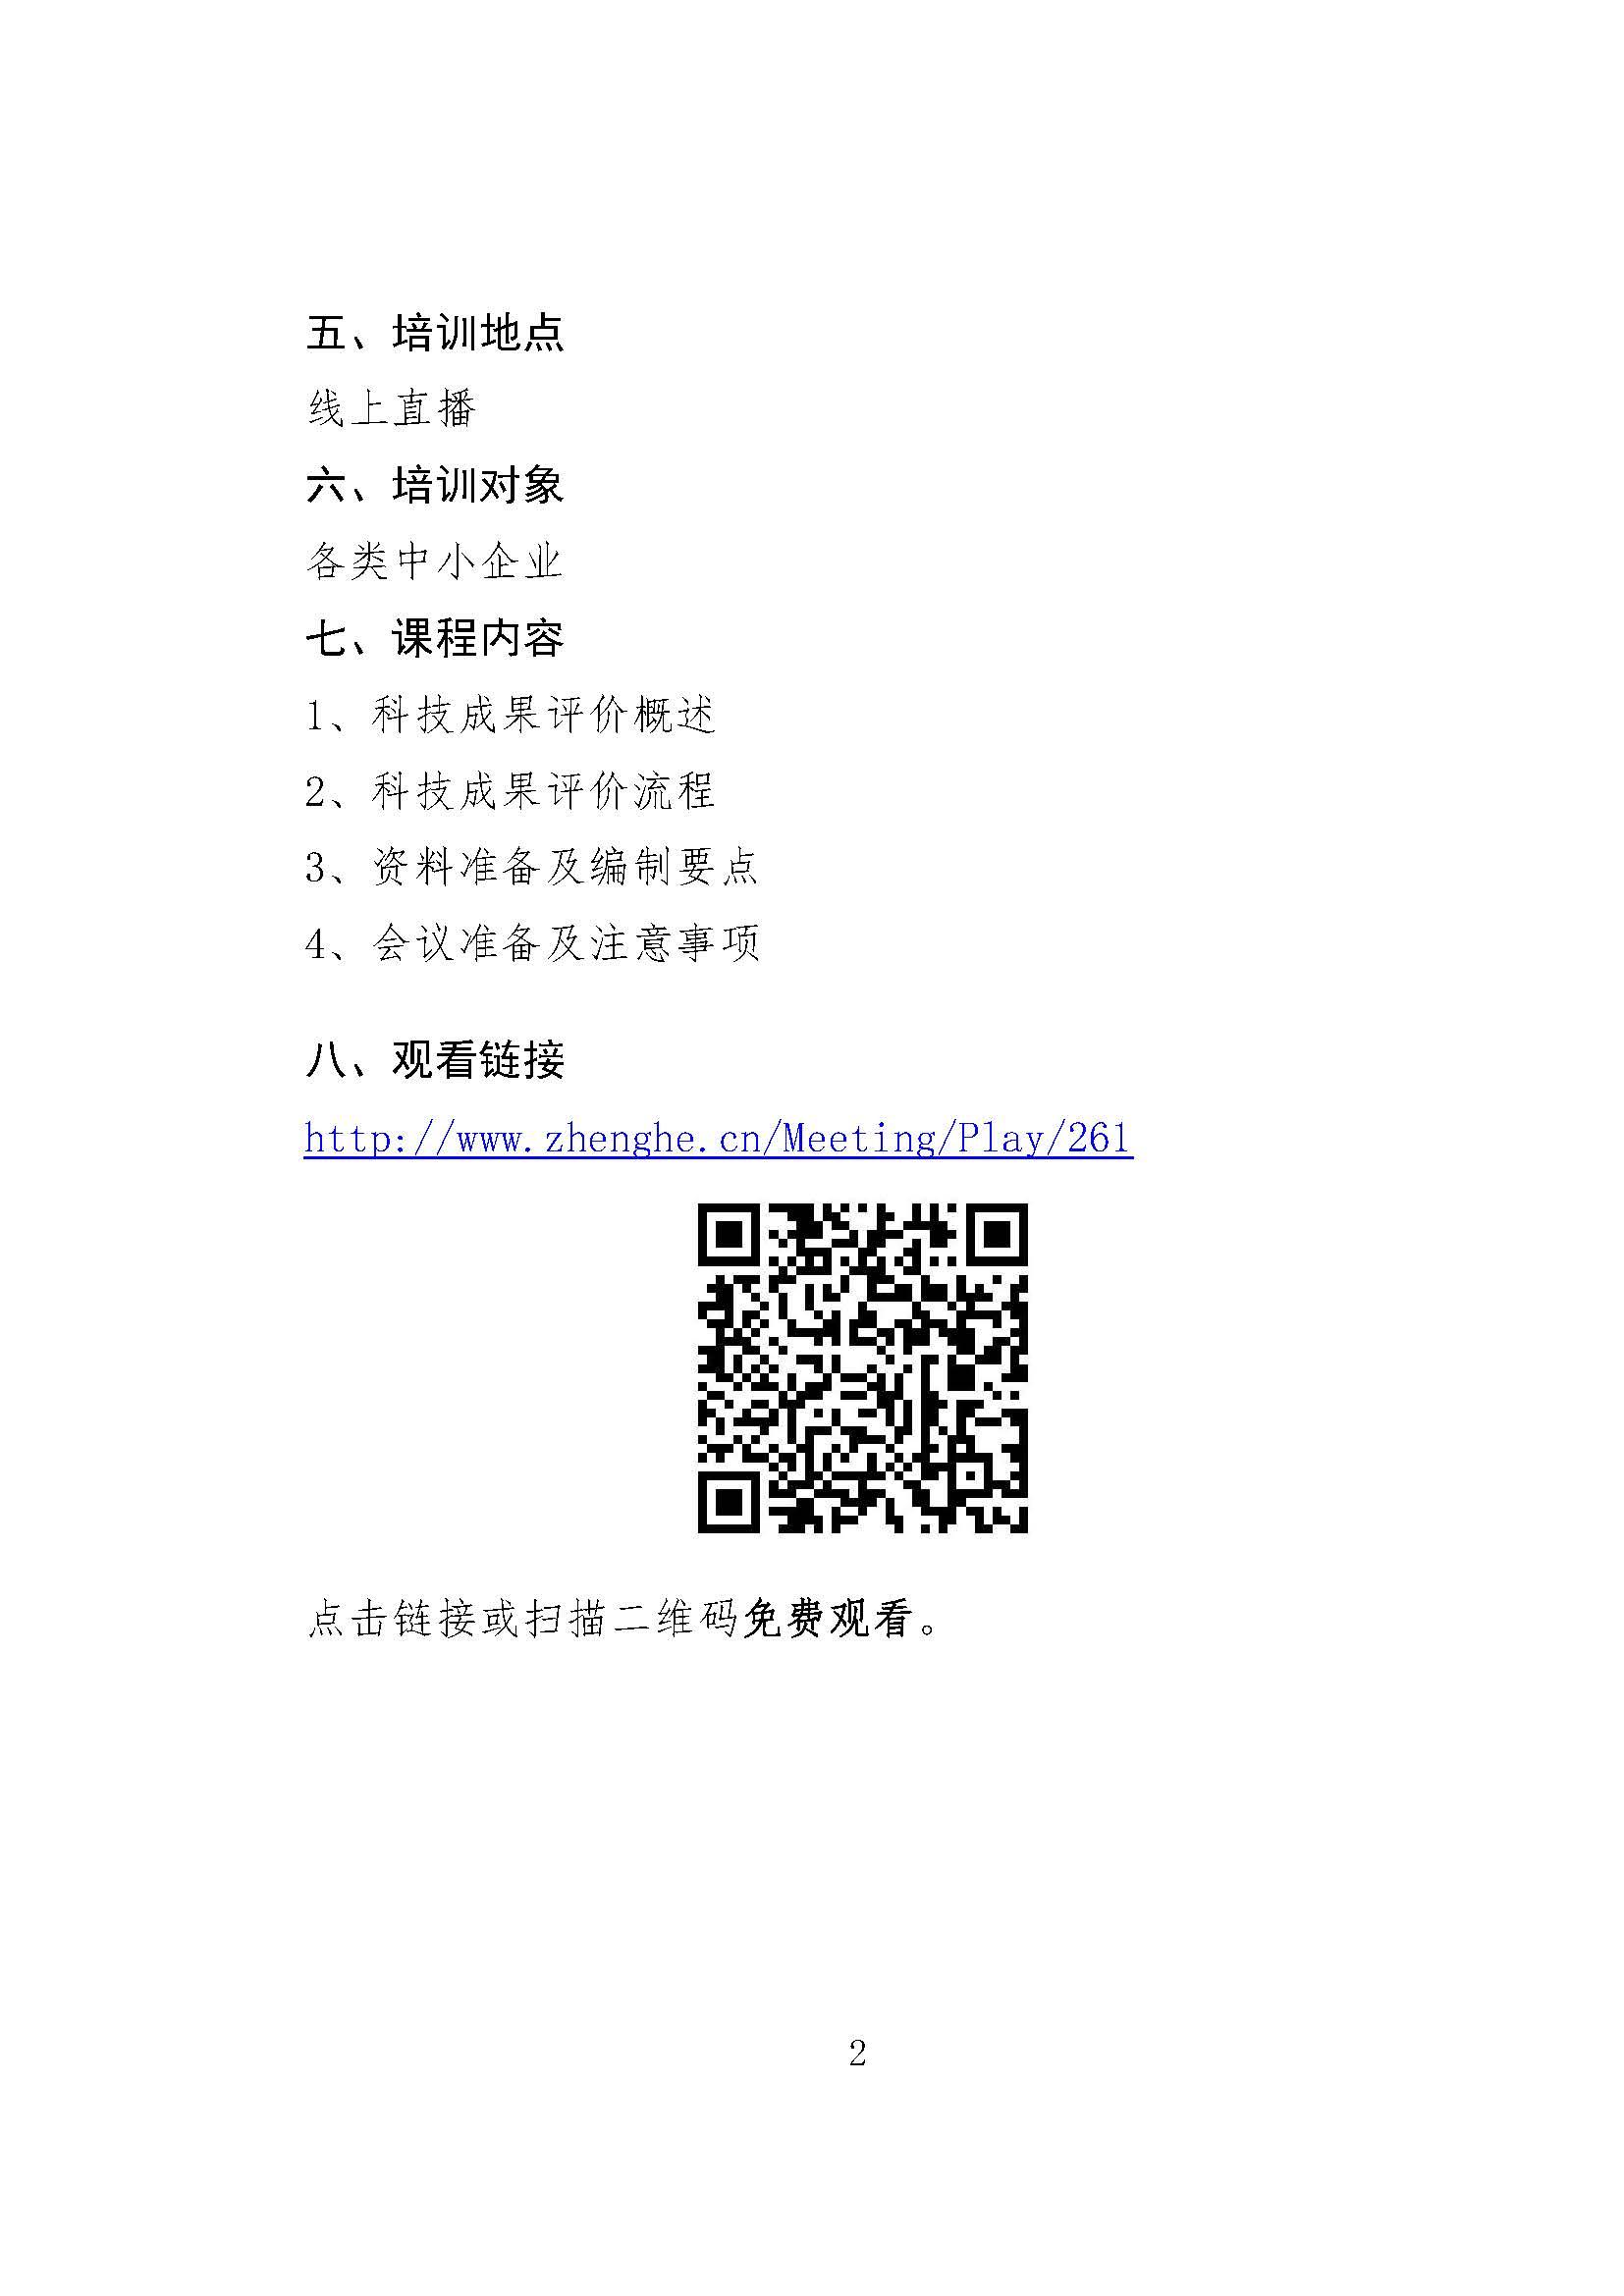 南昌科技创新公共服务平台科技大讲堂第一期20210302培训会_页面_2.jpg